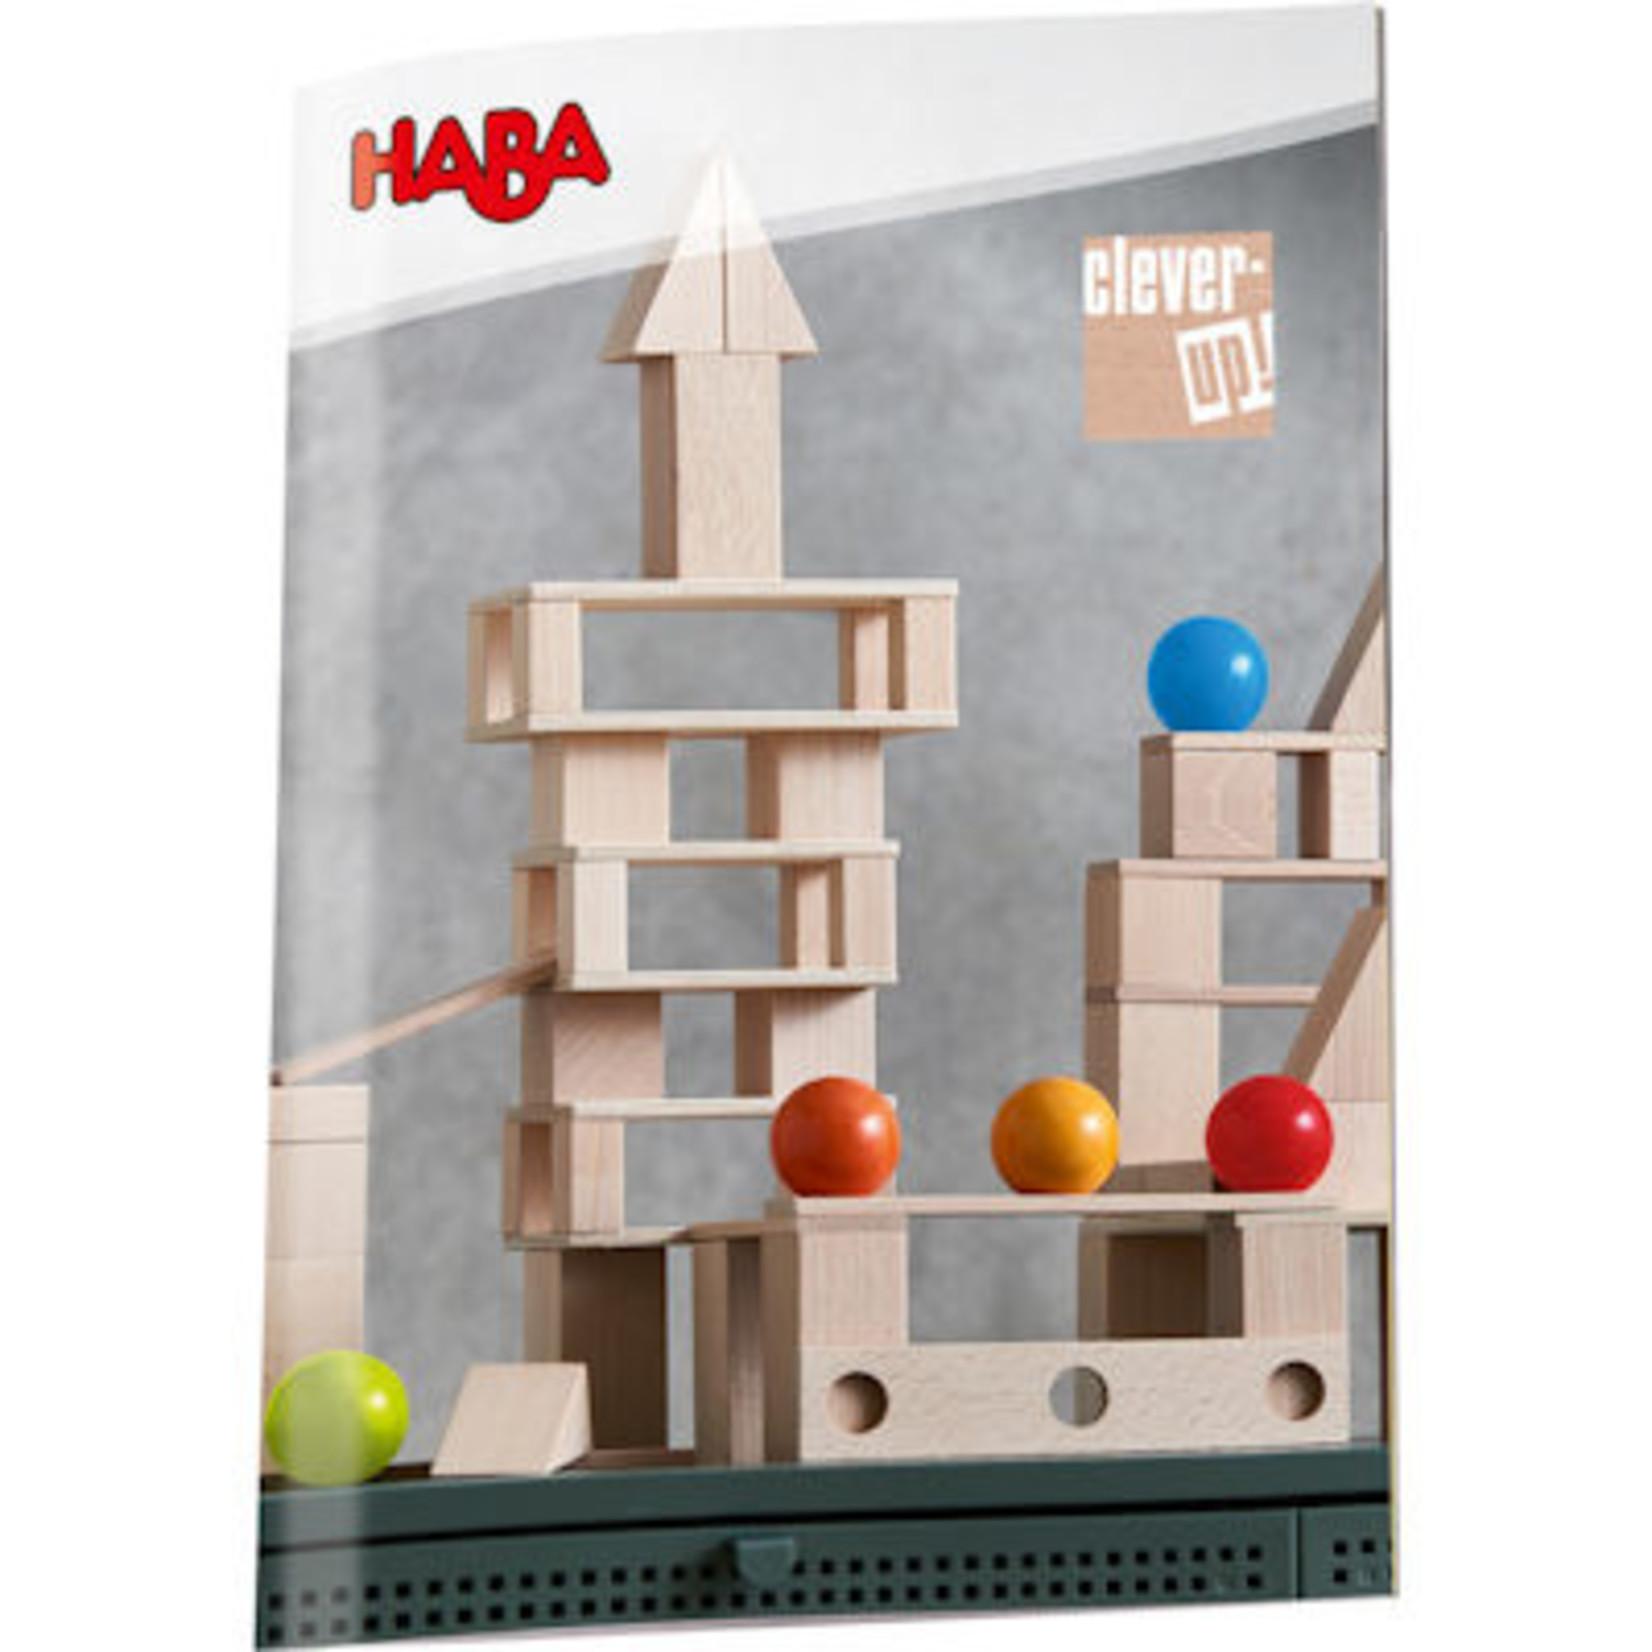 Haba Blokken / Bouwsteensysteem Clever-Up! 2.0